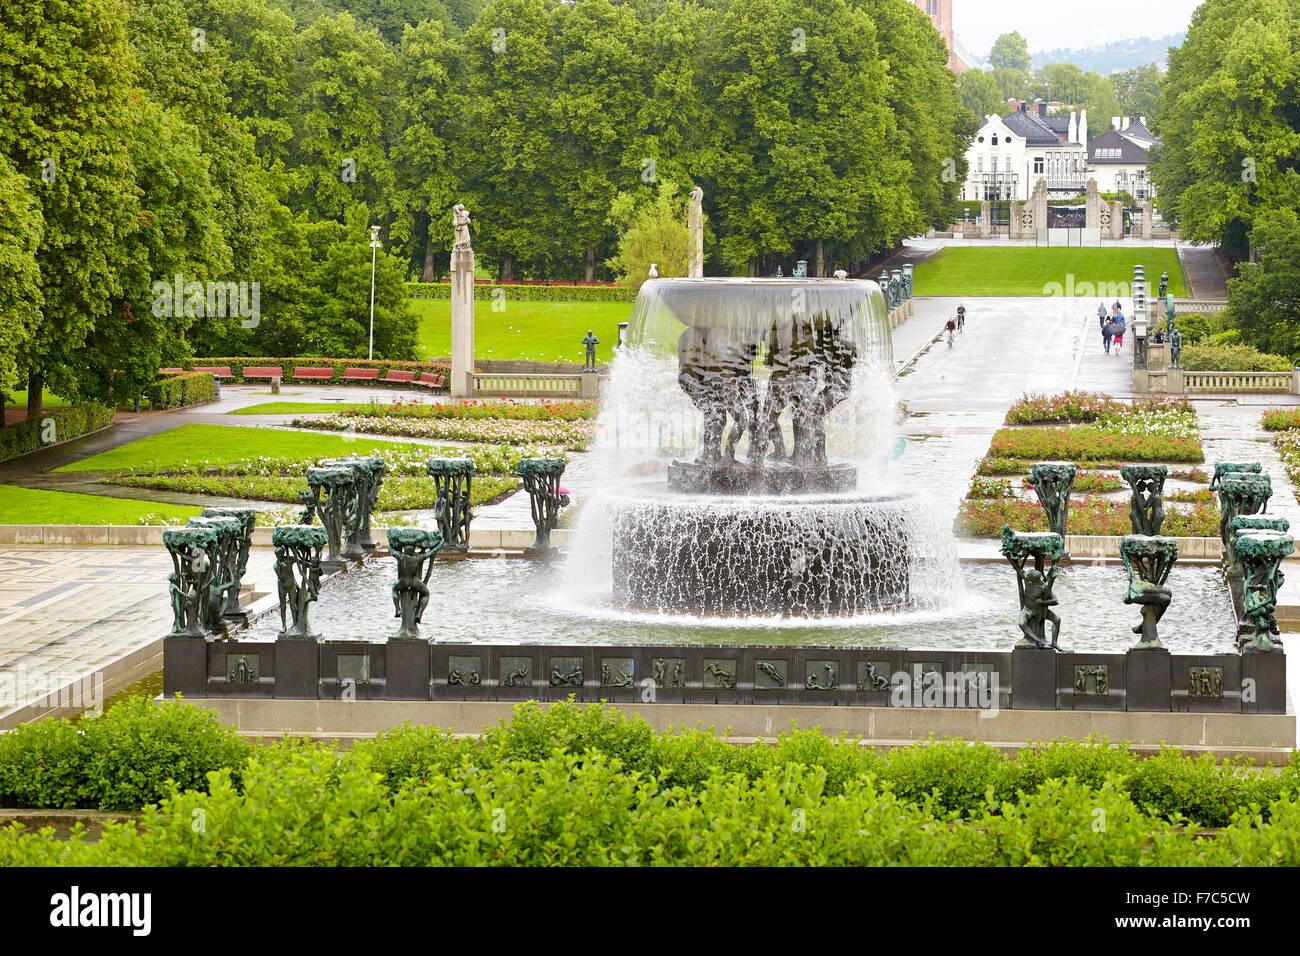 Vigeland Sculpture Park, Vigelandsparken, Oslo, Norway - Stock Image